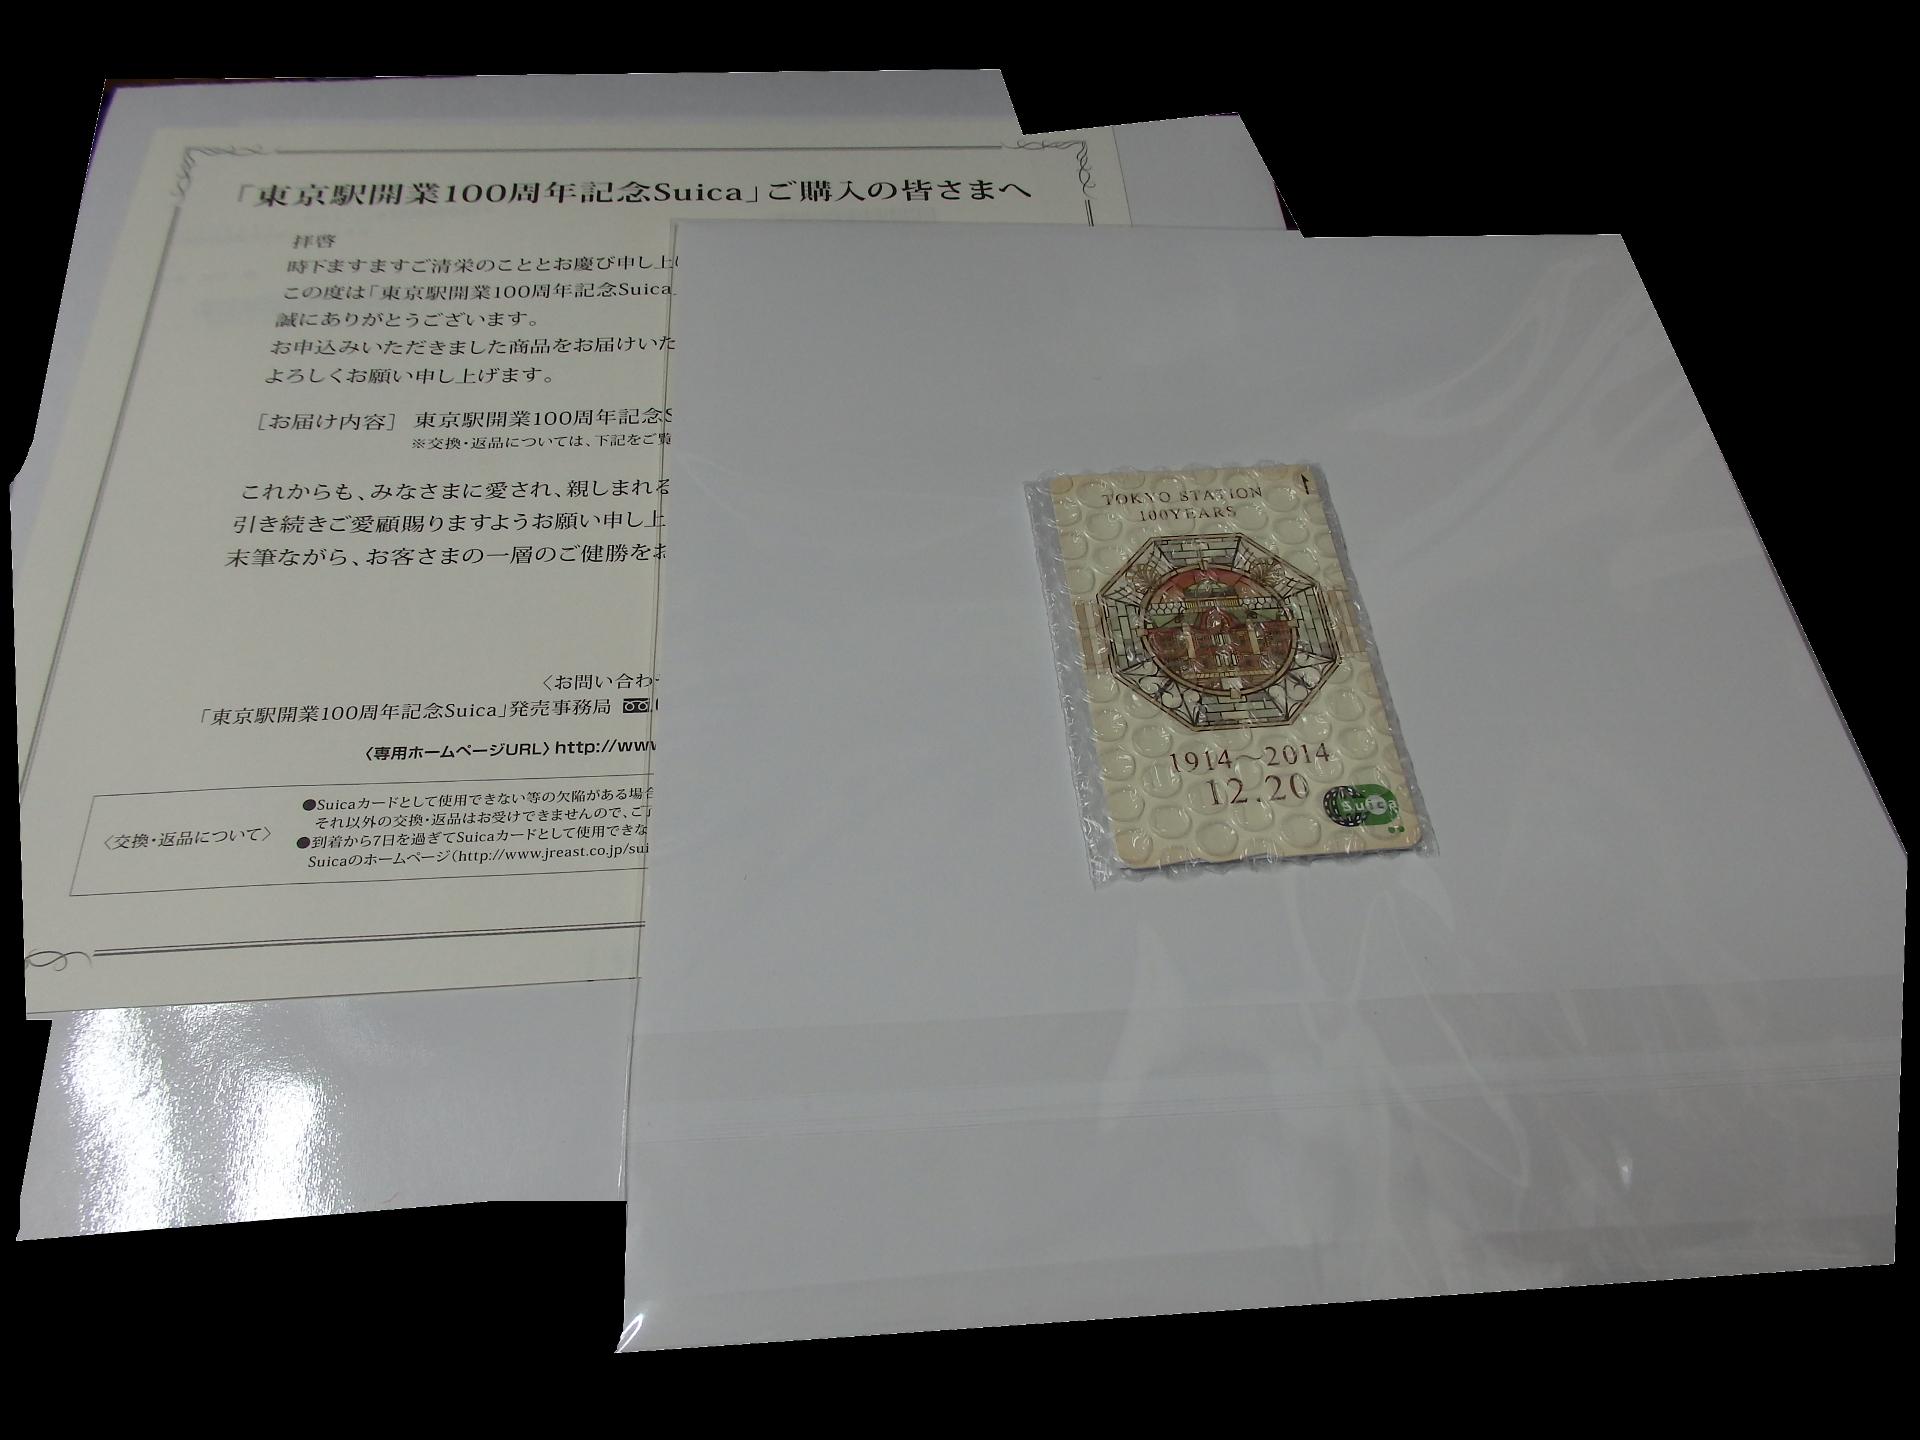 東京駅開業100周年記念Suicaが届きました。